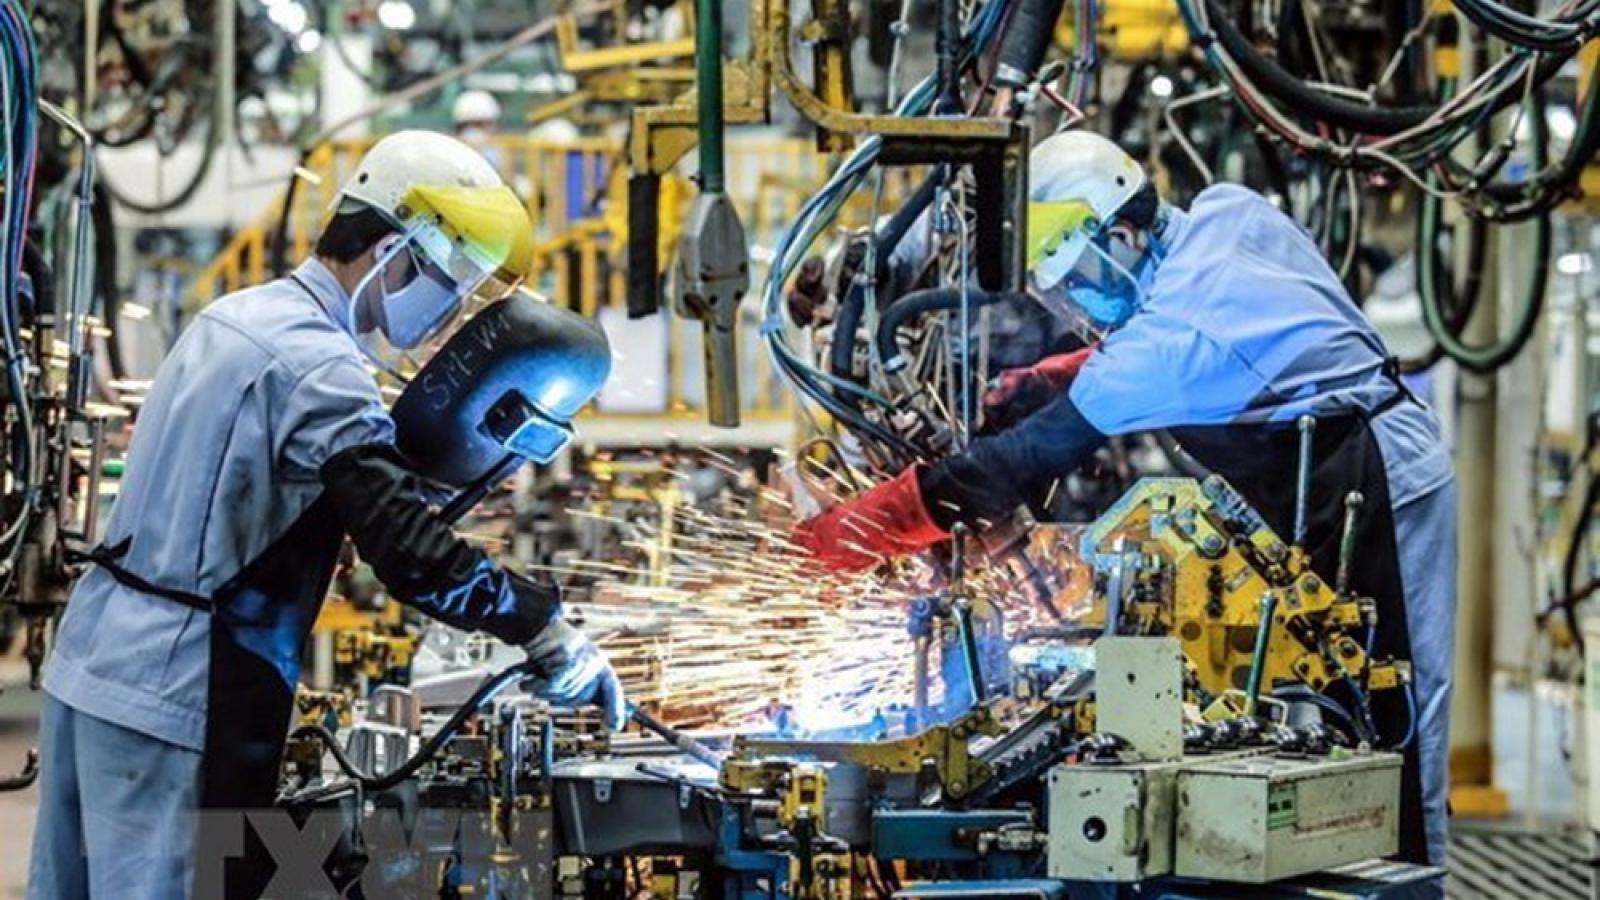 Ngành Công nghiệp có tốc độ tăng trưởng cao nhất trong giai đoạn 2011-2020